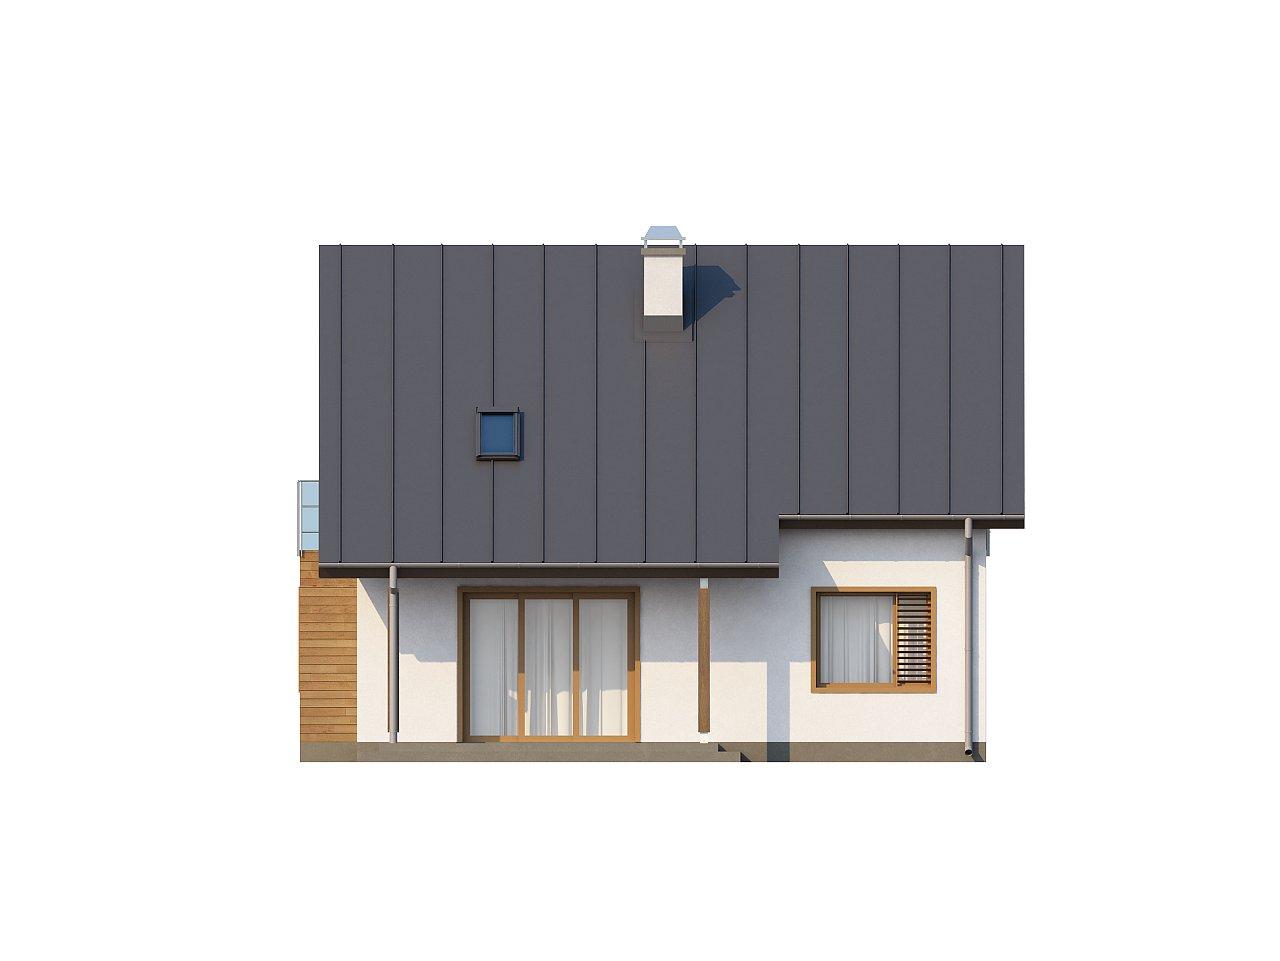 Компактный и функциональный дом с кабинетом на первом этаже и с эркером в обеденной зоне. 8